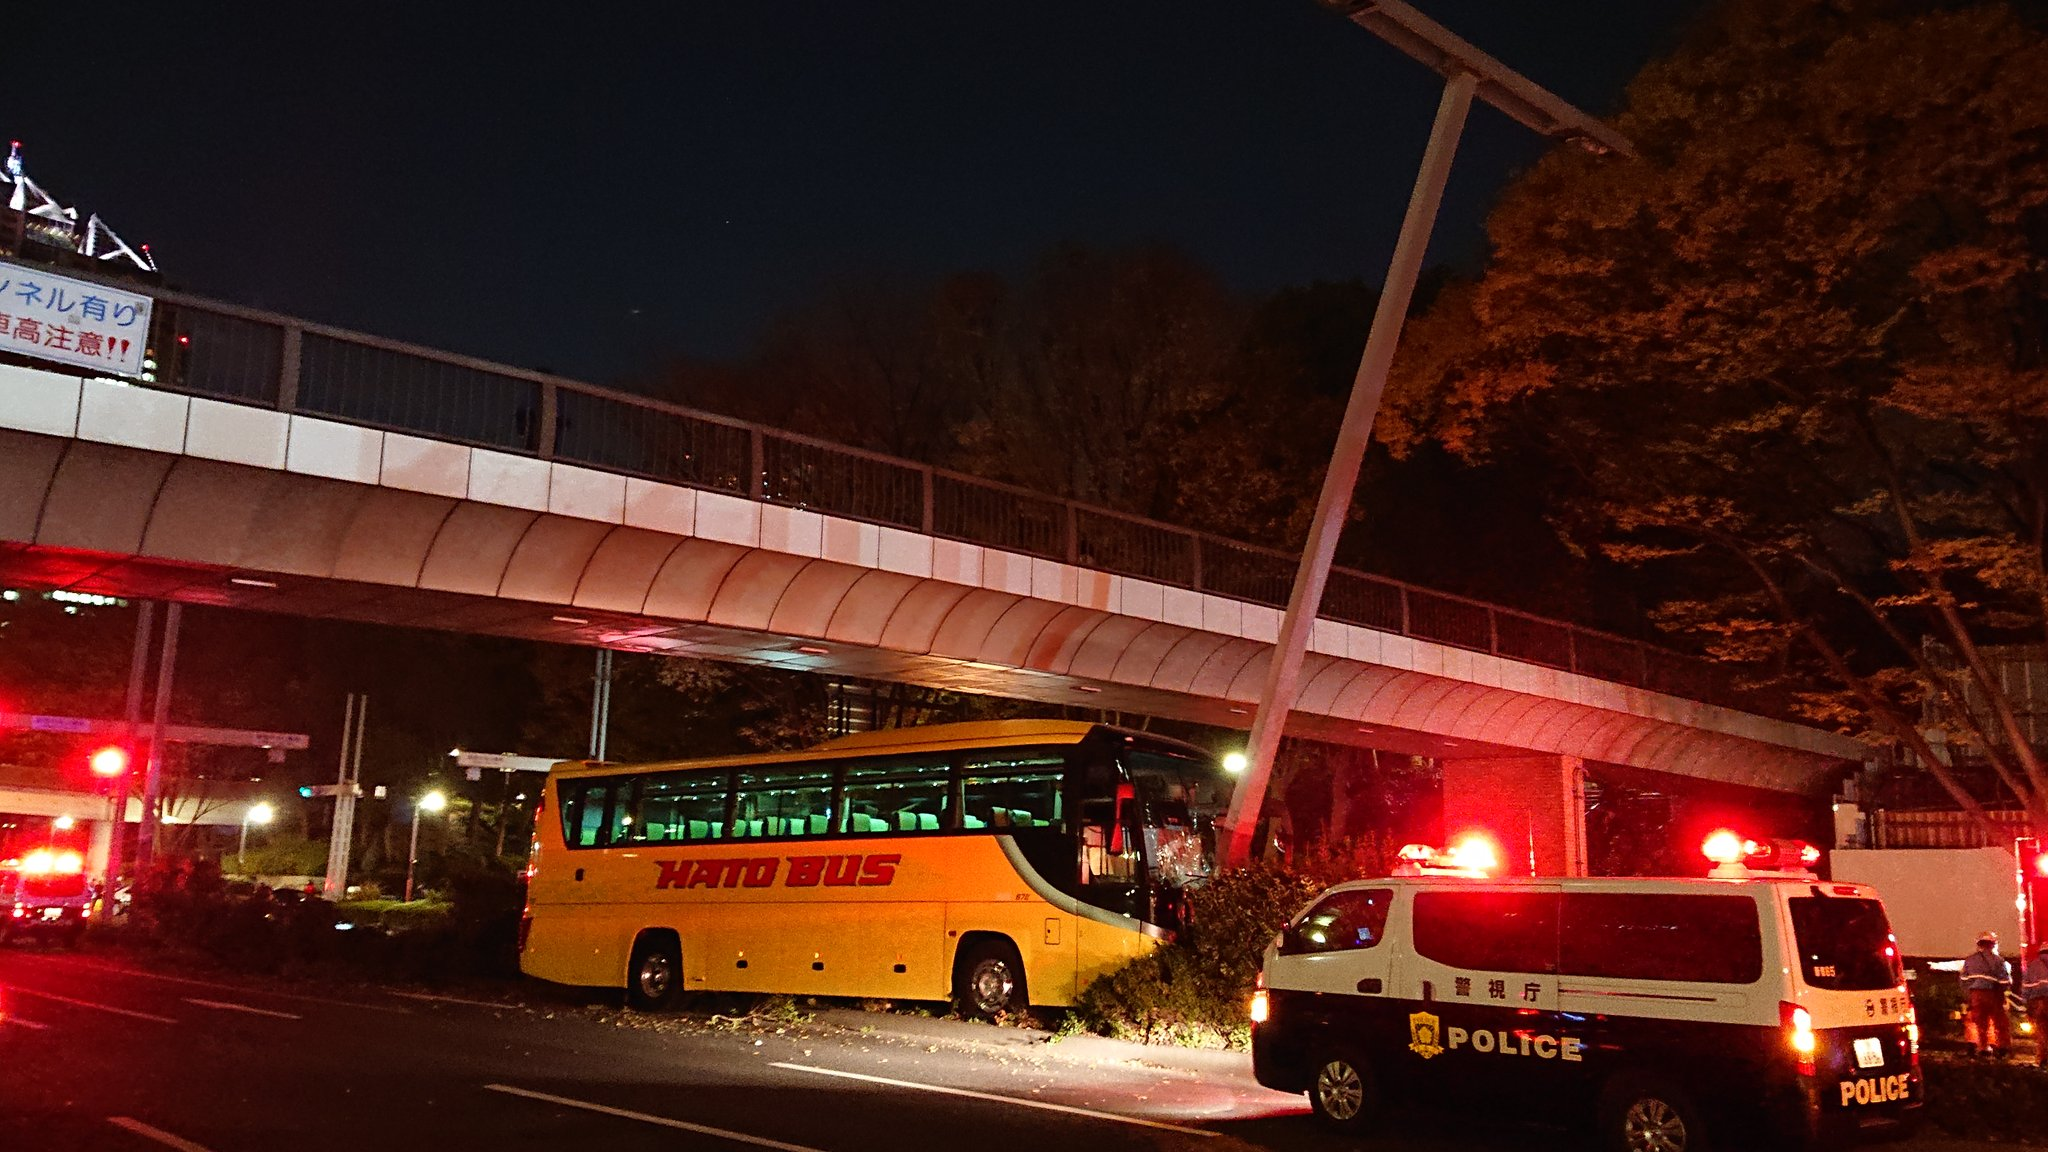 都庁前のはとバスとタクシーの衝突事故で救助活動中の画像